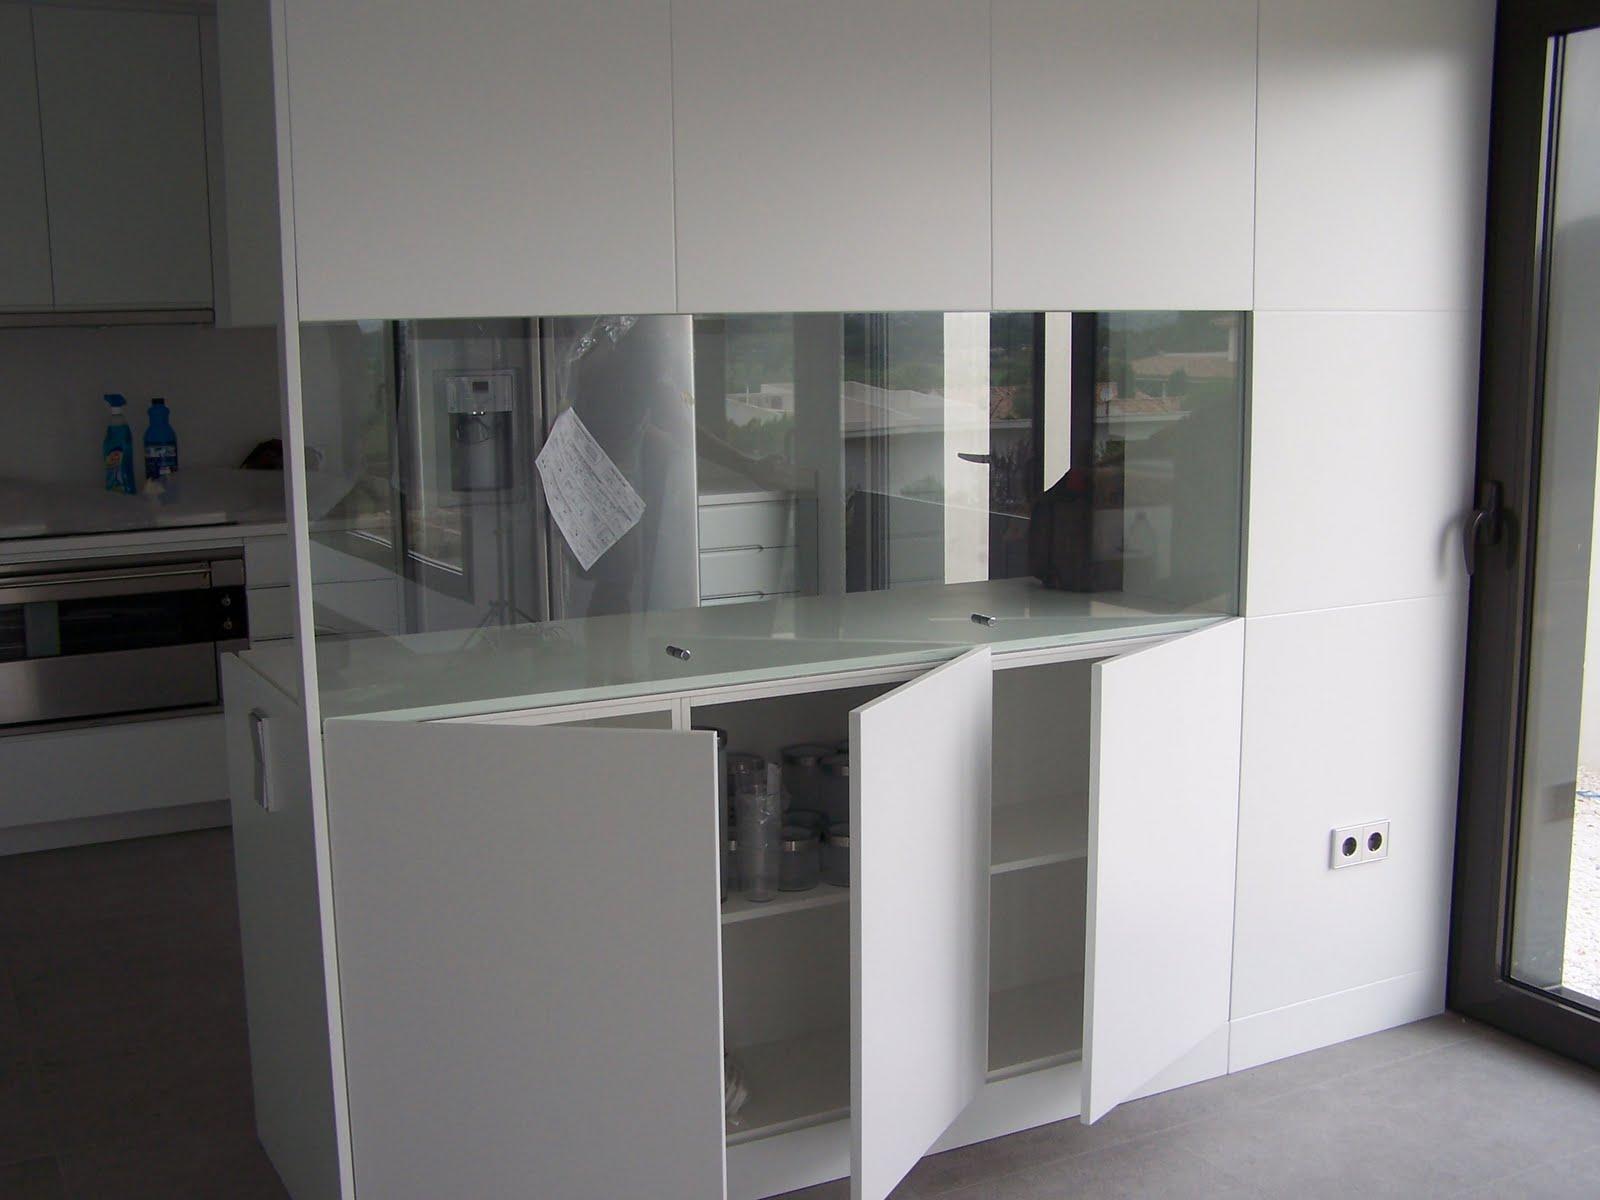 Carpinteria muebles a medida puerta guillotina en cristal - Puertas de cocina de cristal ...